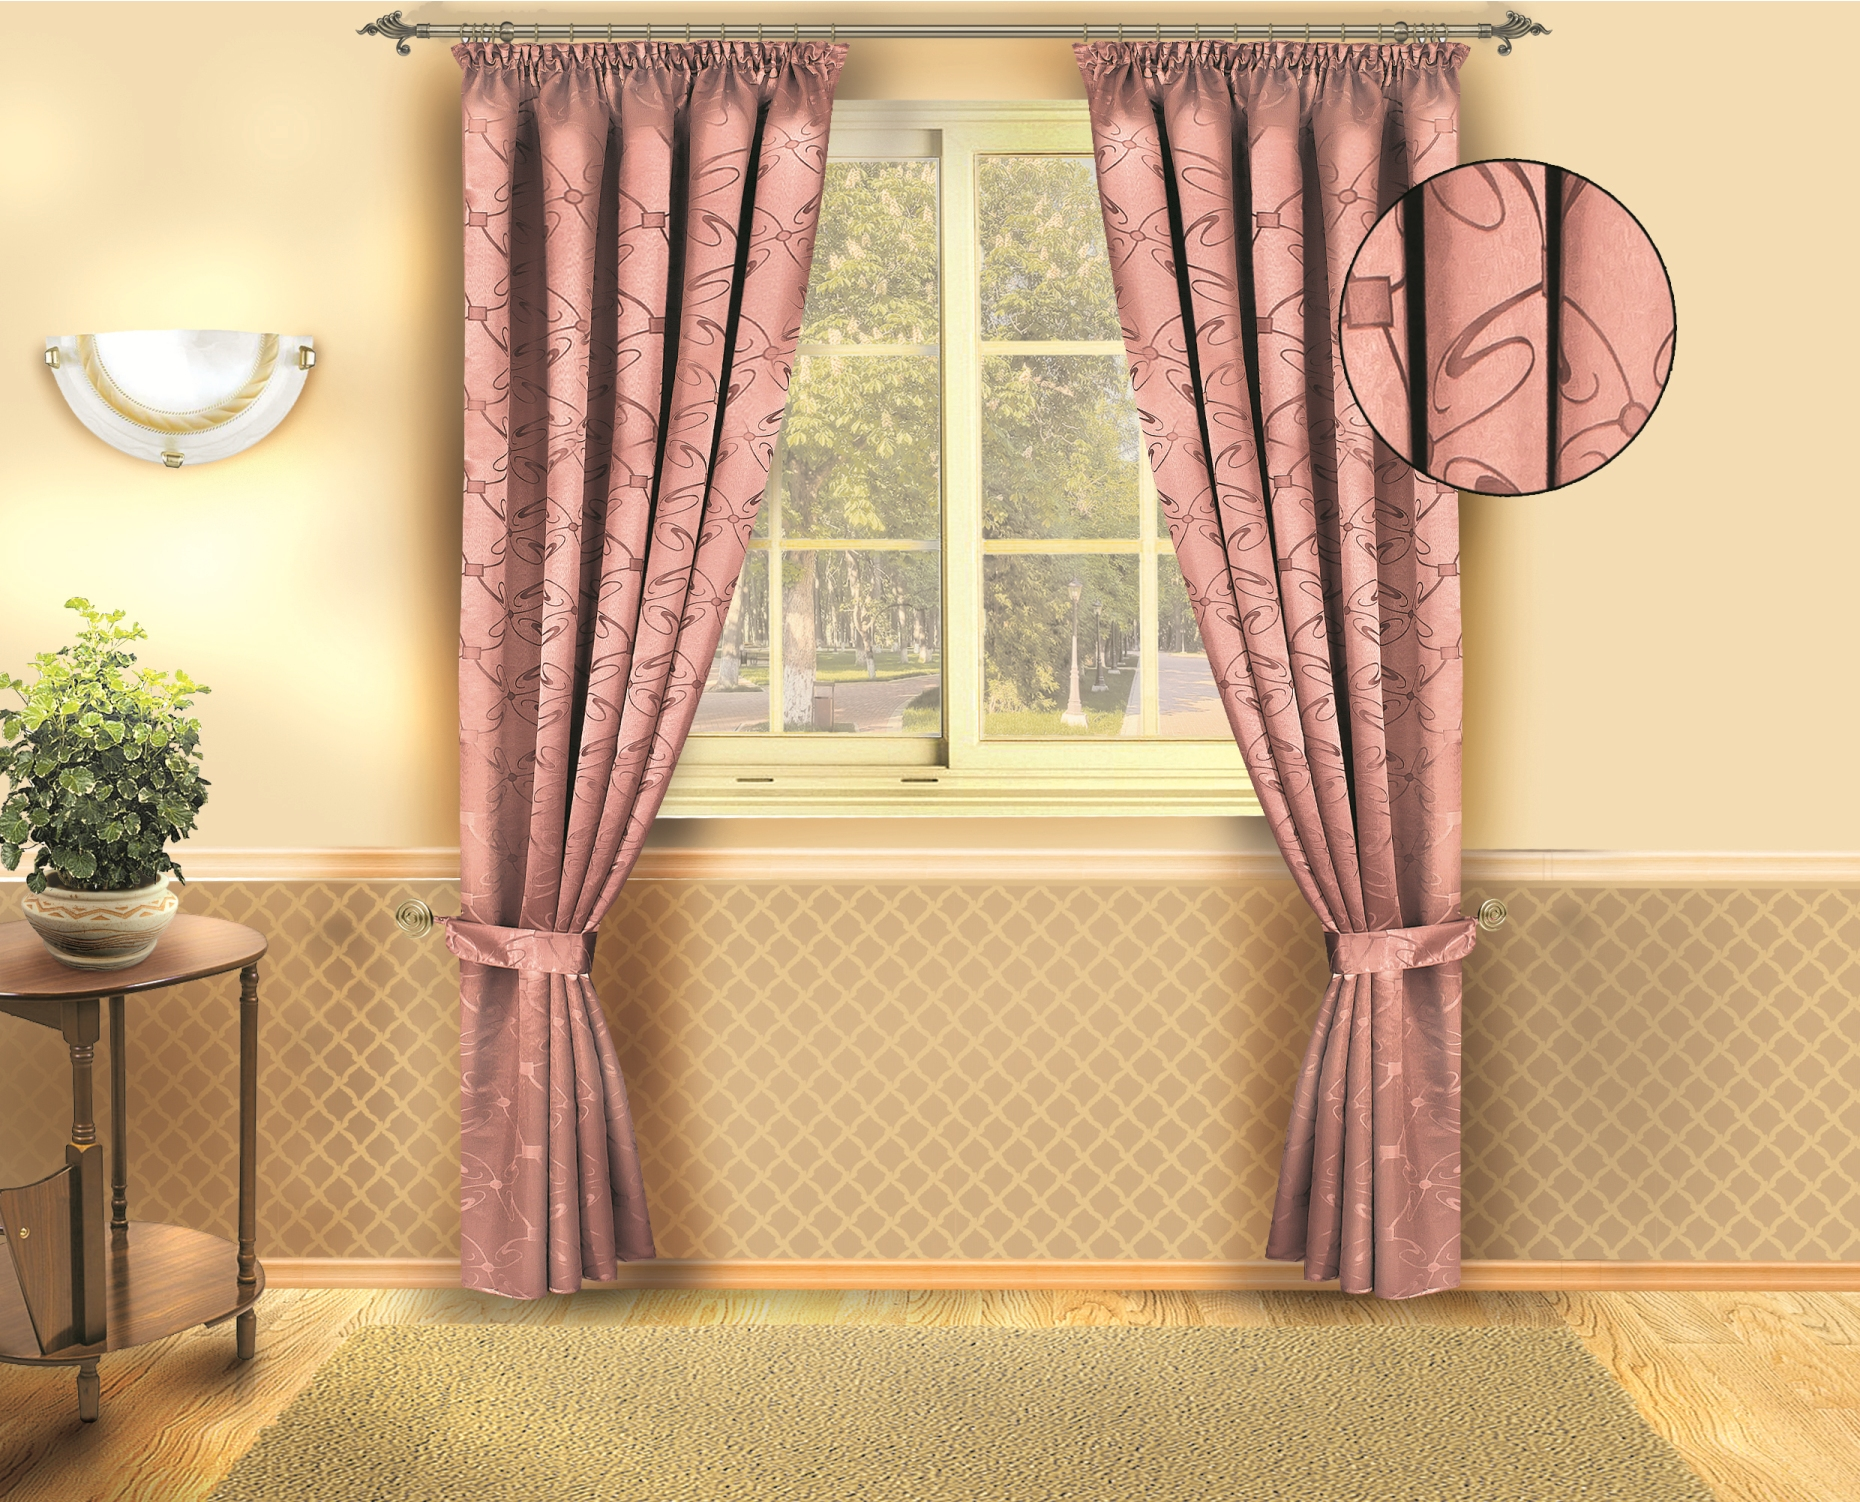 Комплект штор Zlata Korunka, на ленте, цвет: розовый, высота 250 см. Б133SVC-300Роскошный комплект штор Zlata Korunka, выполненный из полиэстера, великолепно украсит любое окно. Комплект состоит из двух штор. Изящный рисунок и приятная цветовая гамма привлекут к себе внимание и органично впишутся в интерьер помещения.Этот комплект будет долгое время радовать вас и вашу семью!